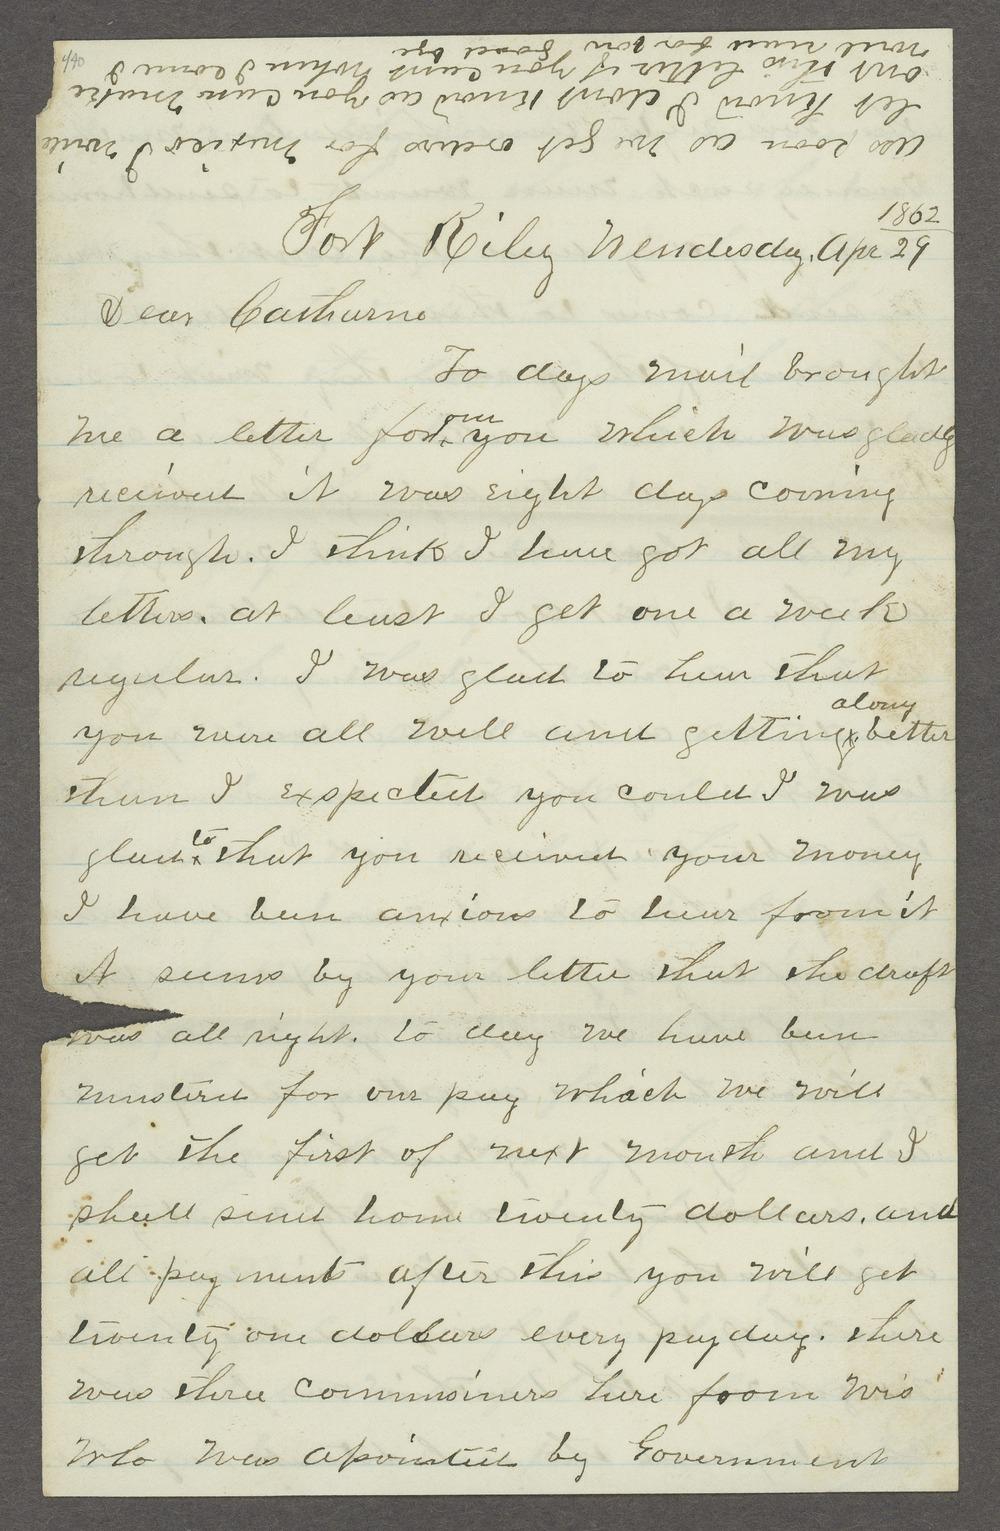 Aiken J. Sexton correspondence - 13